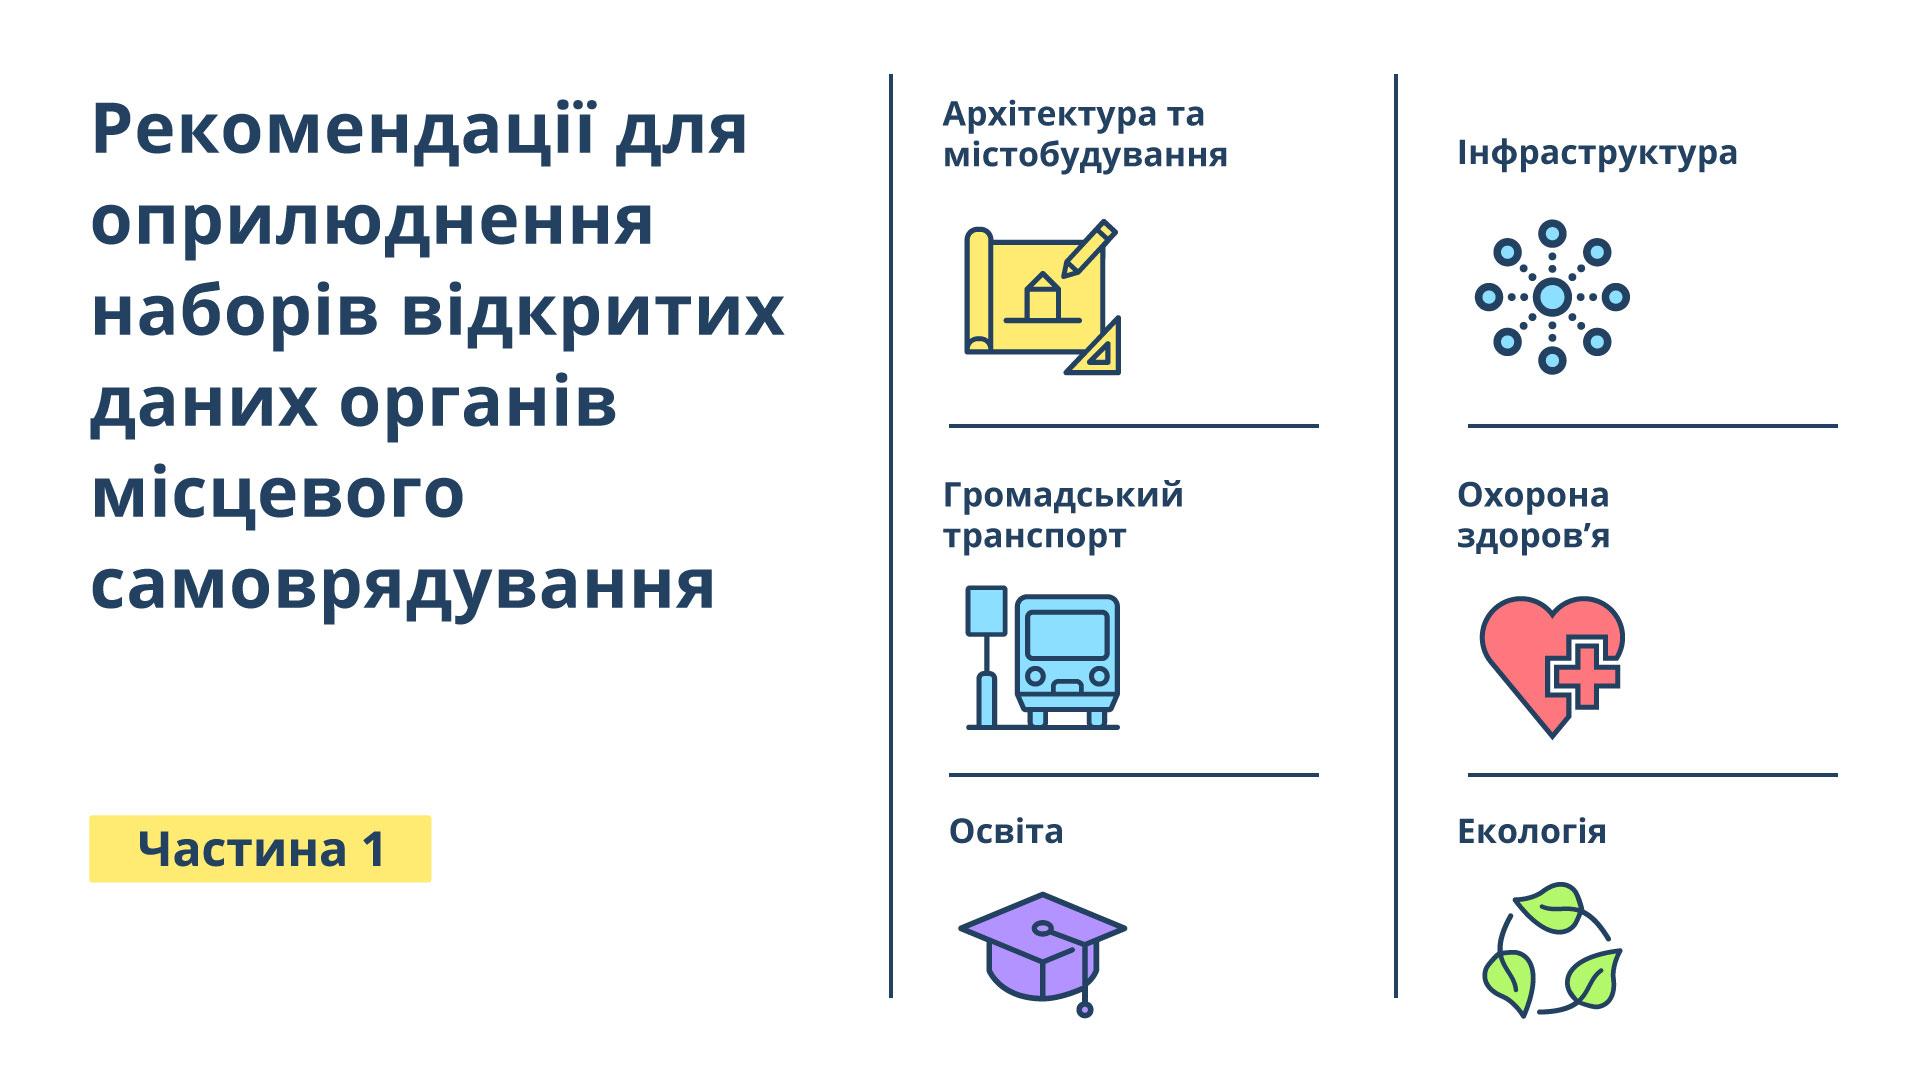 Проект рекомендацій для оприлюднення наборів відкритих даних органів місцевого самоврядування (1 частина)